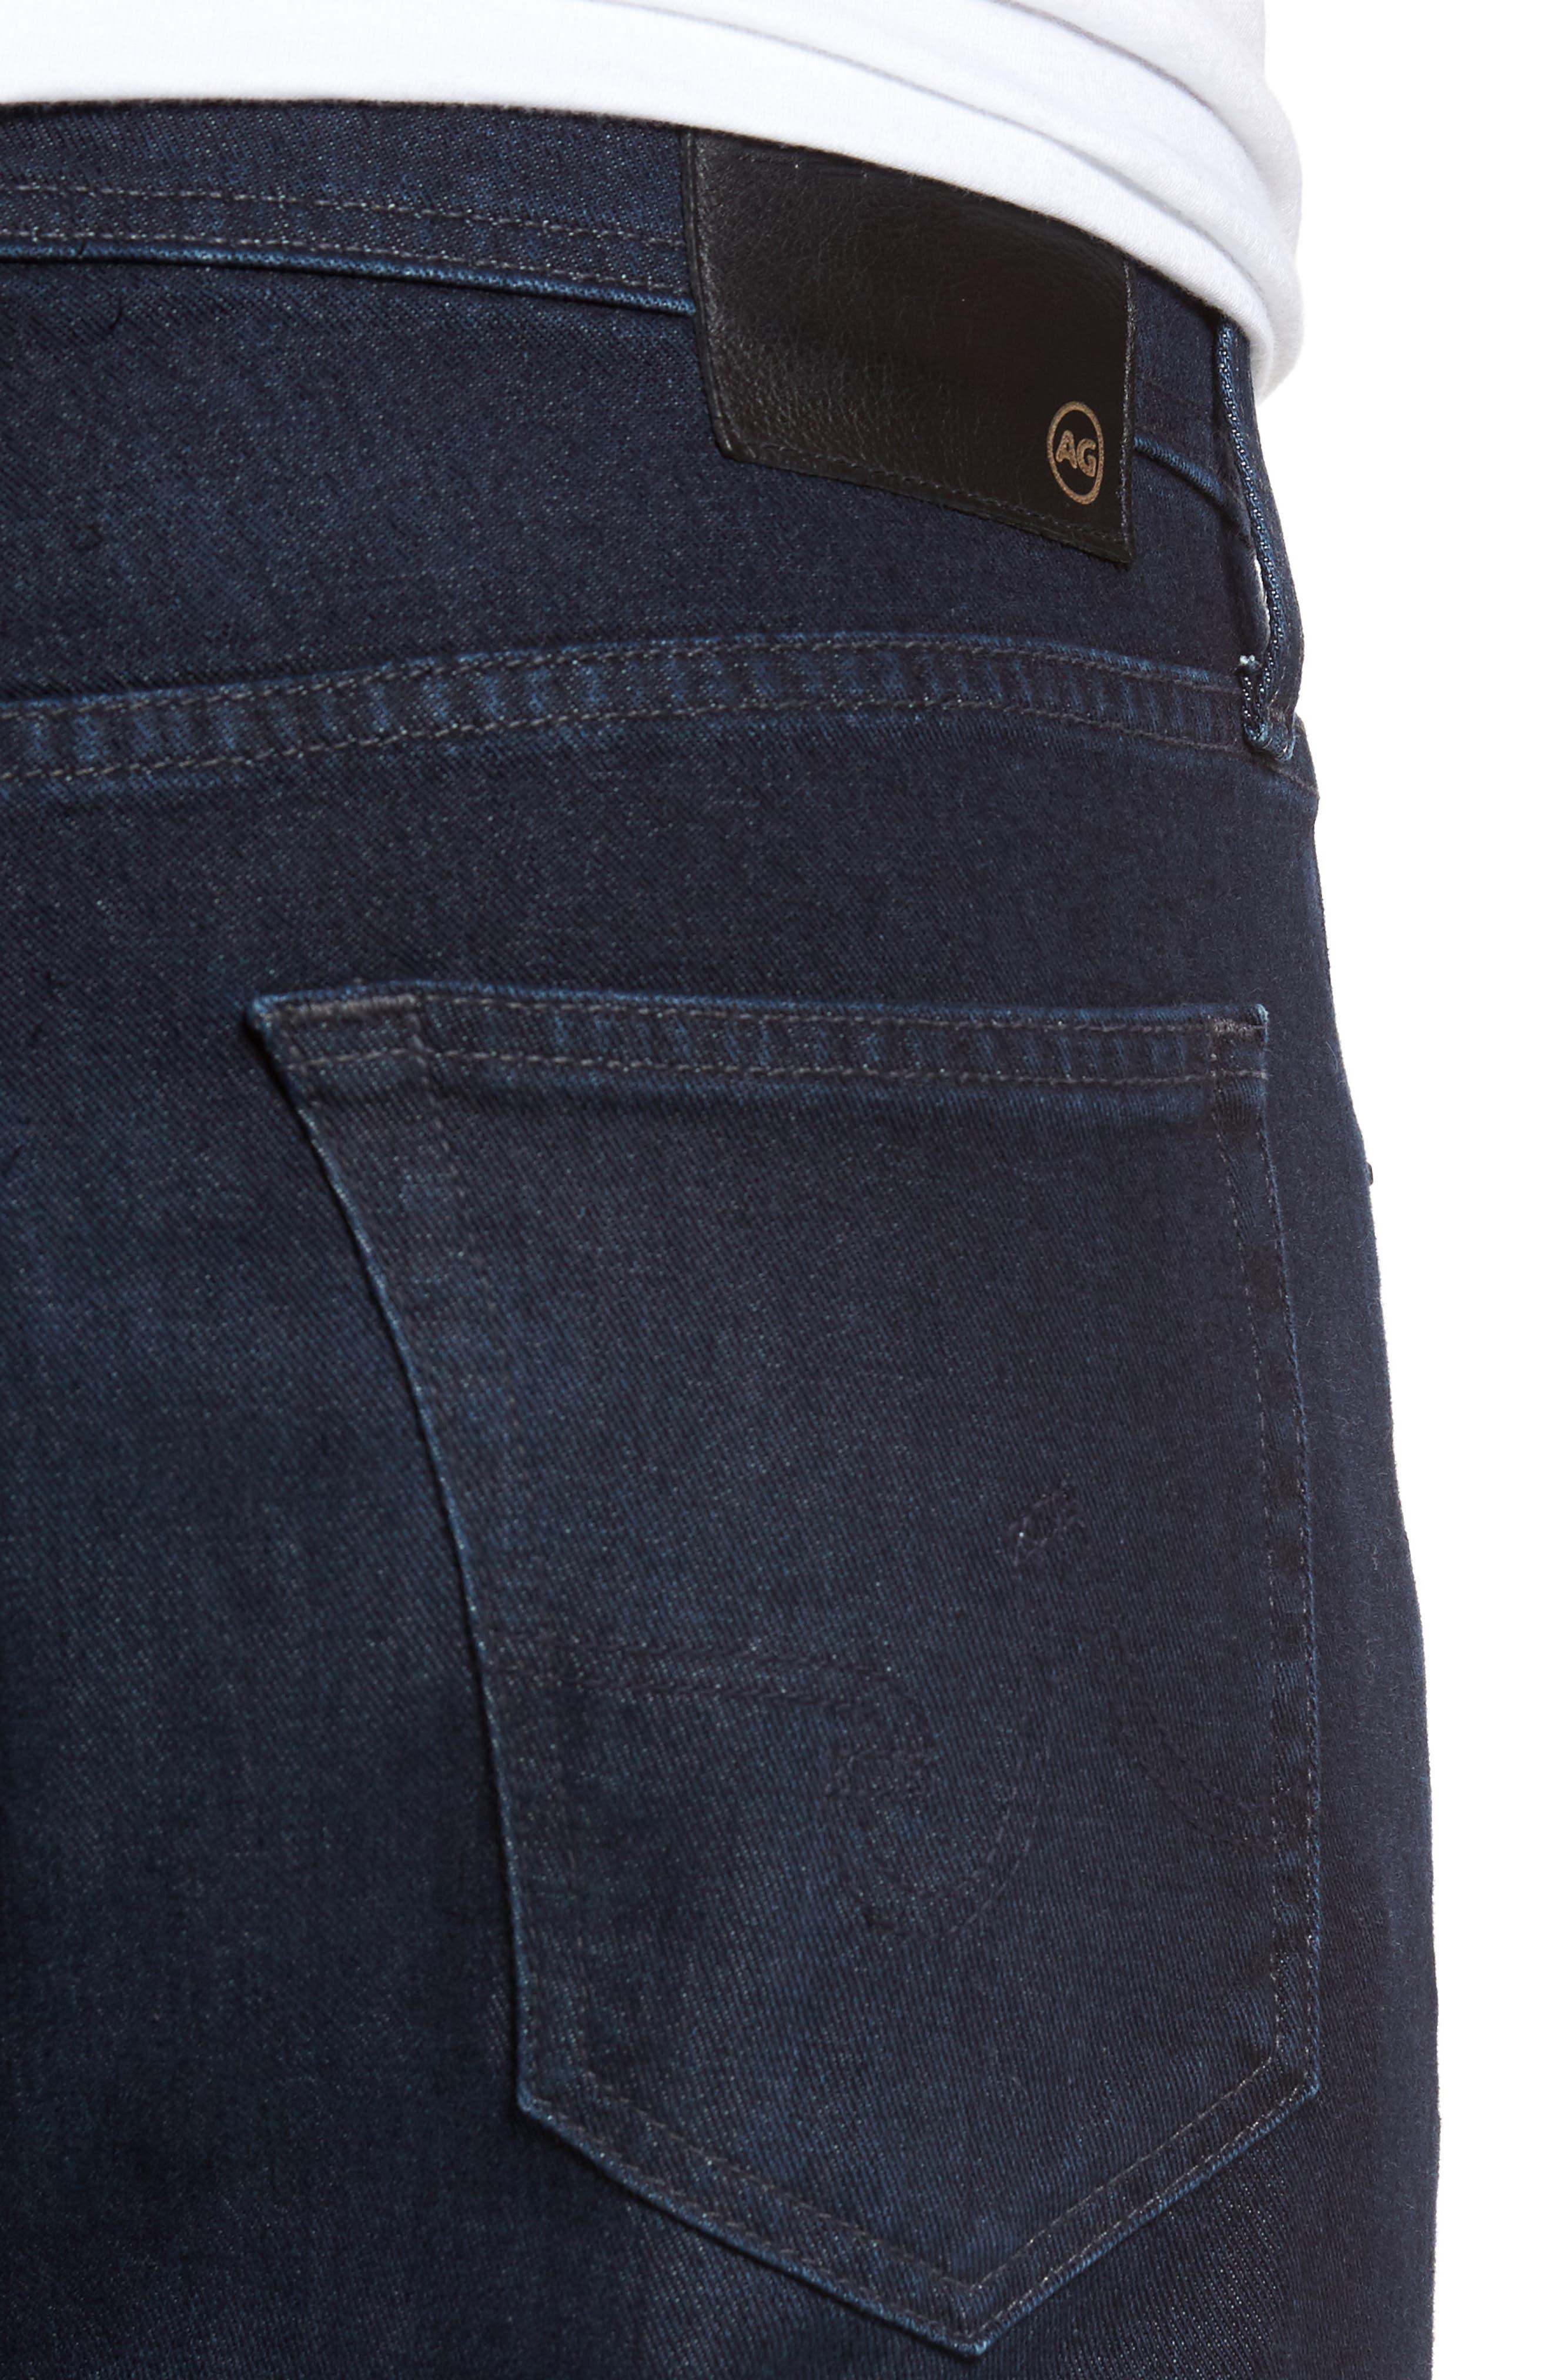 Everett Slim Straight Fit Jeans,                             Alternate thumbnail 4, color,                             Regulator